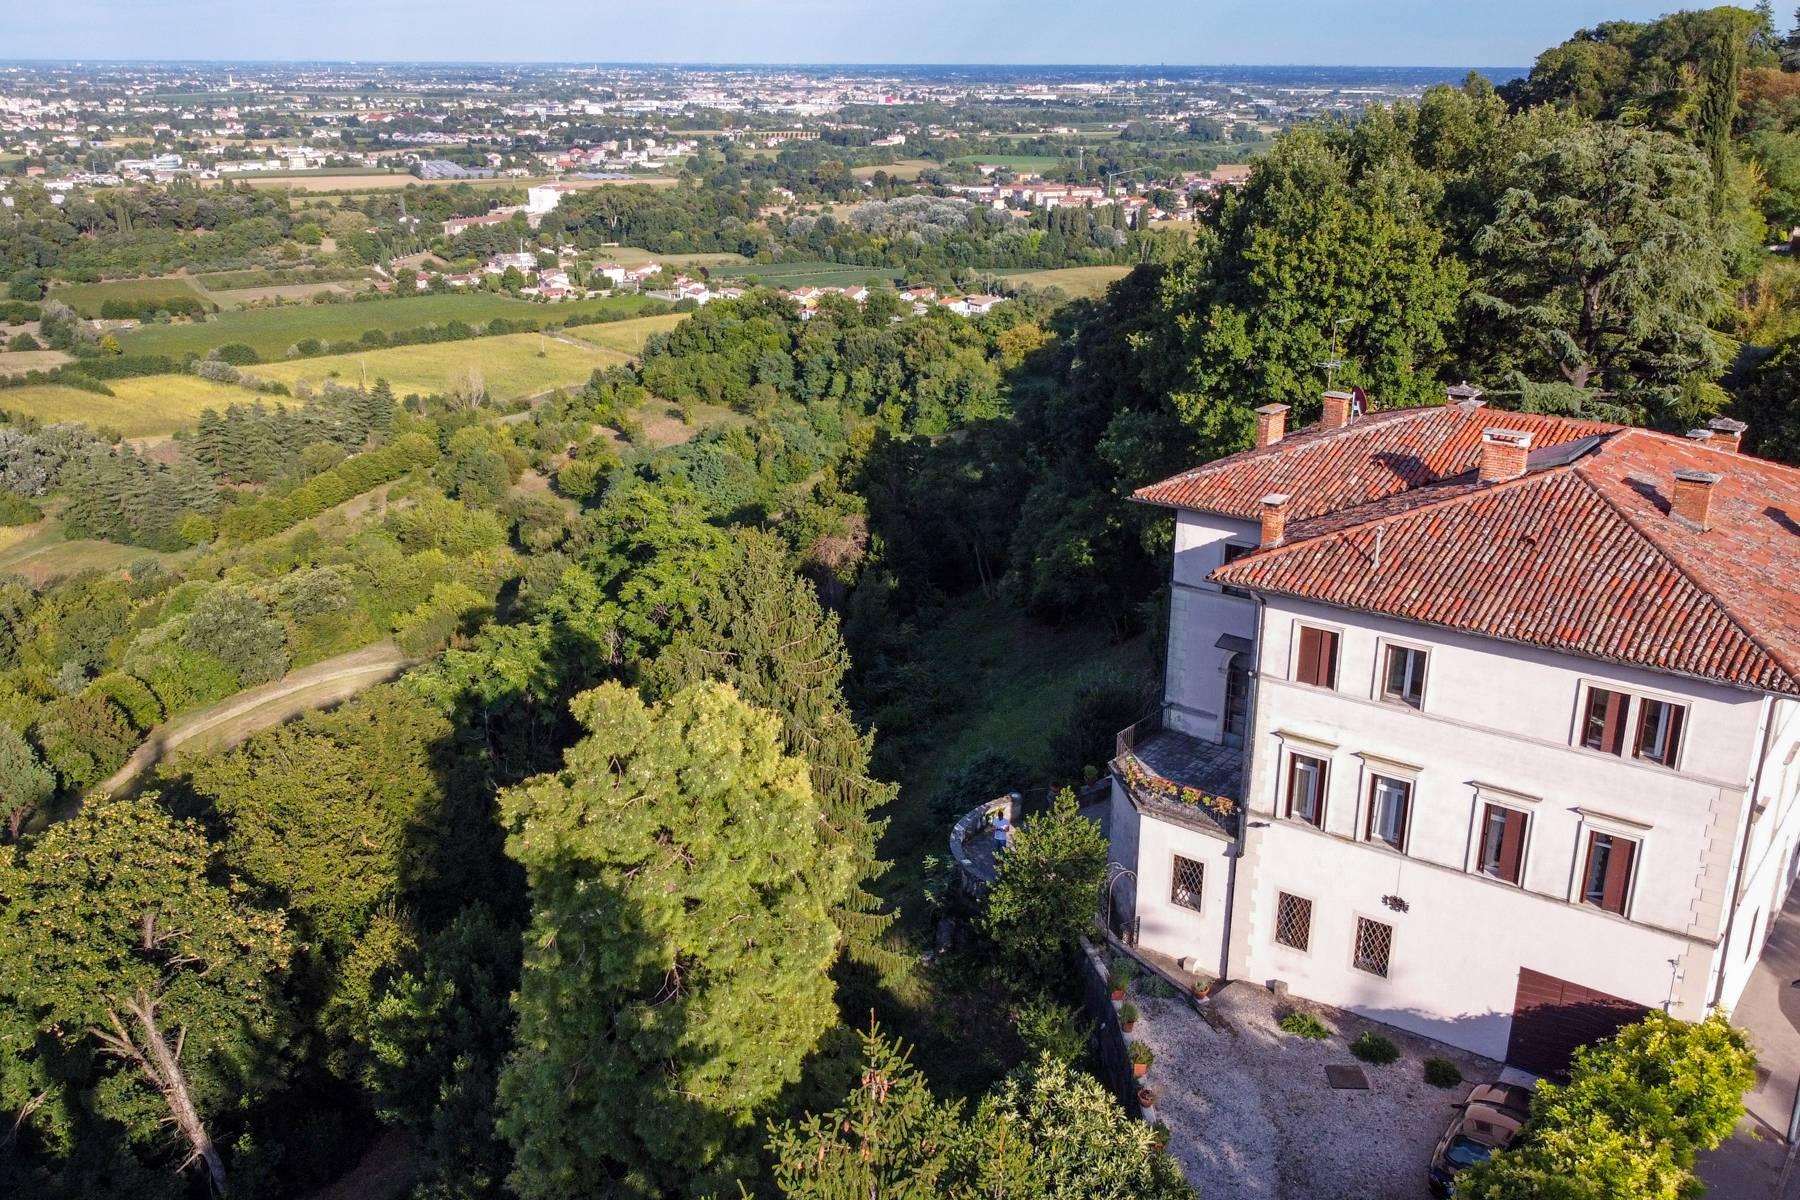 Elegante villa storica con parco privato sulla sommità del Monte Berico - 6